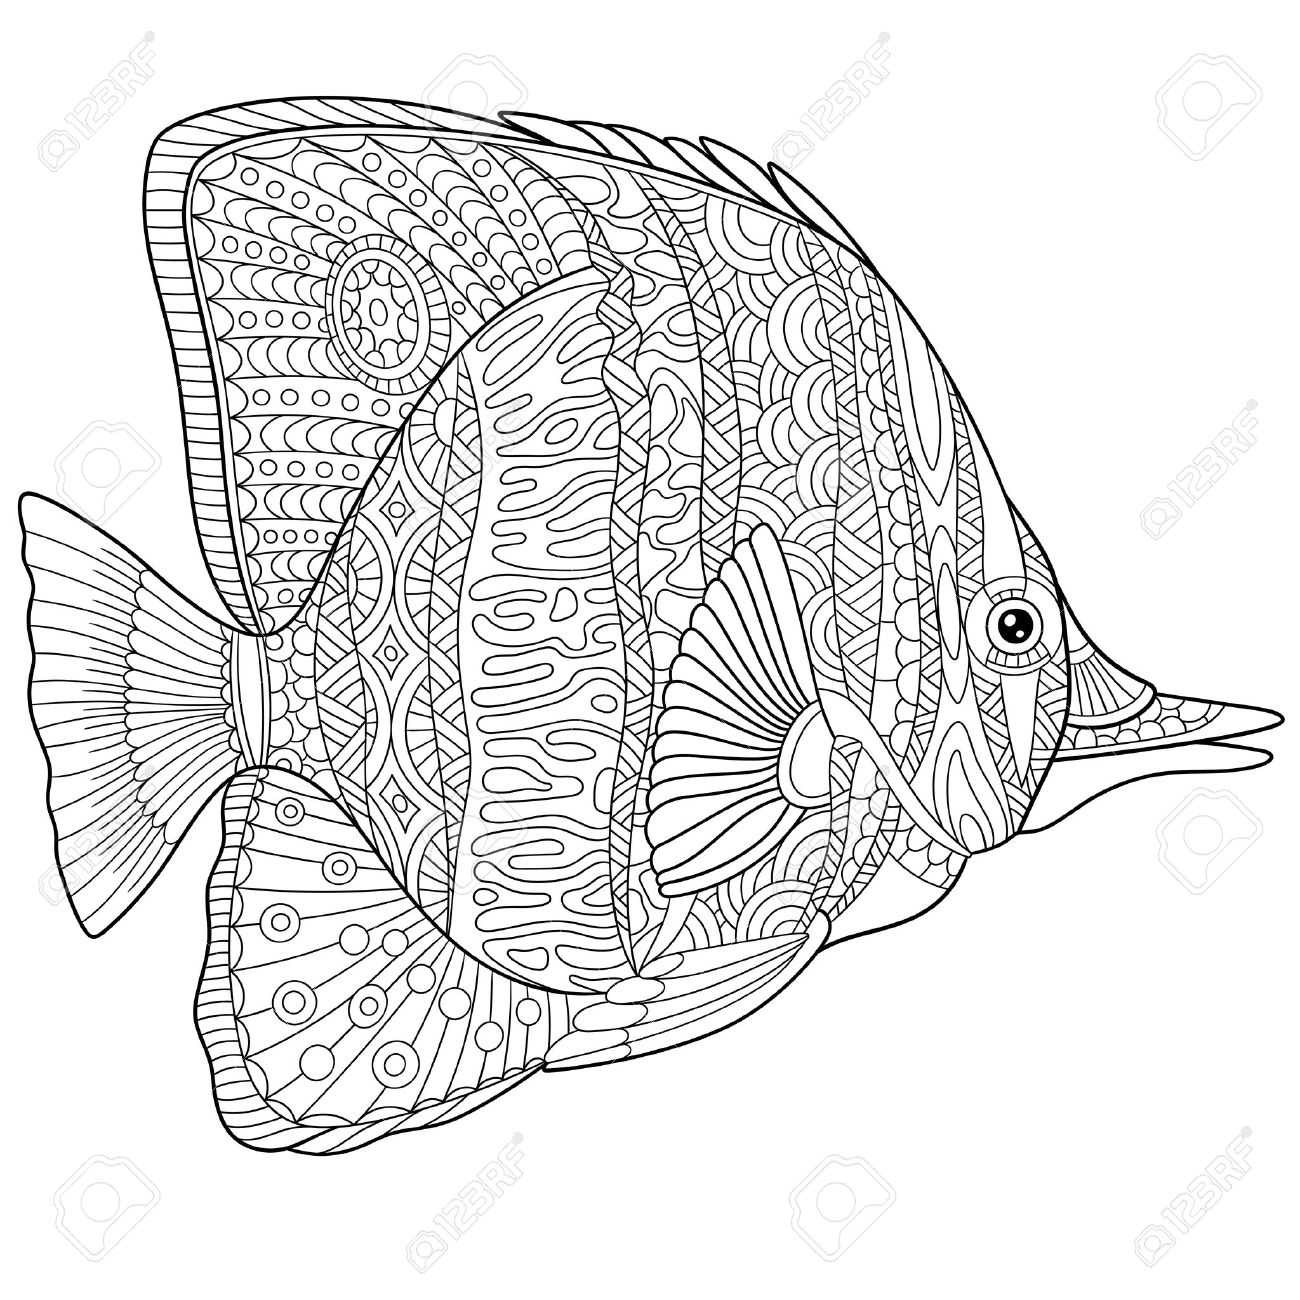 Gestileerde Cartoon Vlinder Vis Geïsoleerd Op Een Witte Achtergrond Royalty Vrije Cliparts Vectoren En Stock Illustratie Image 56874136